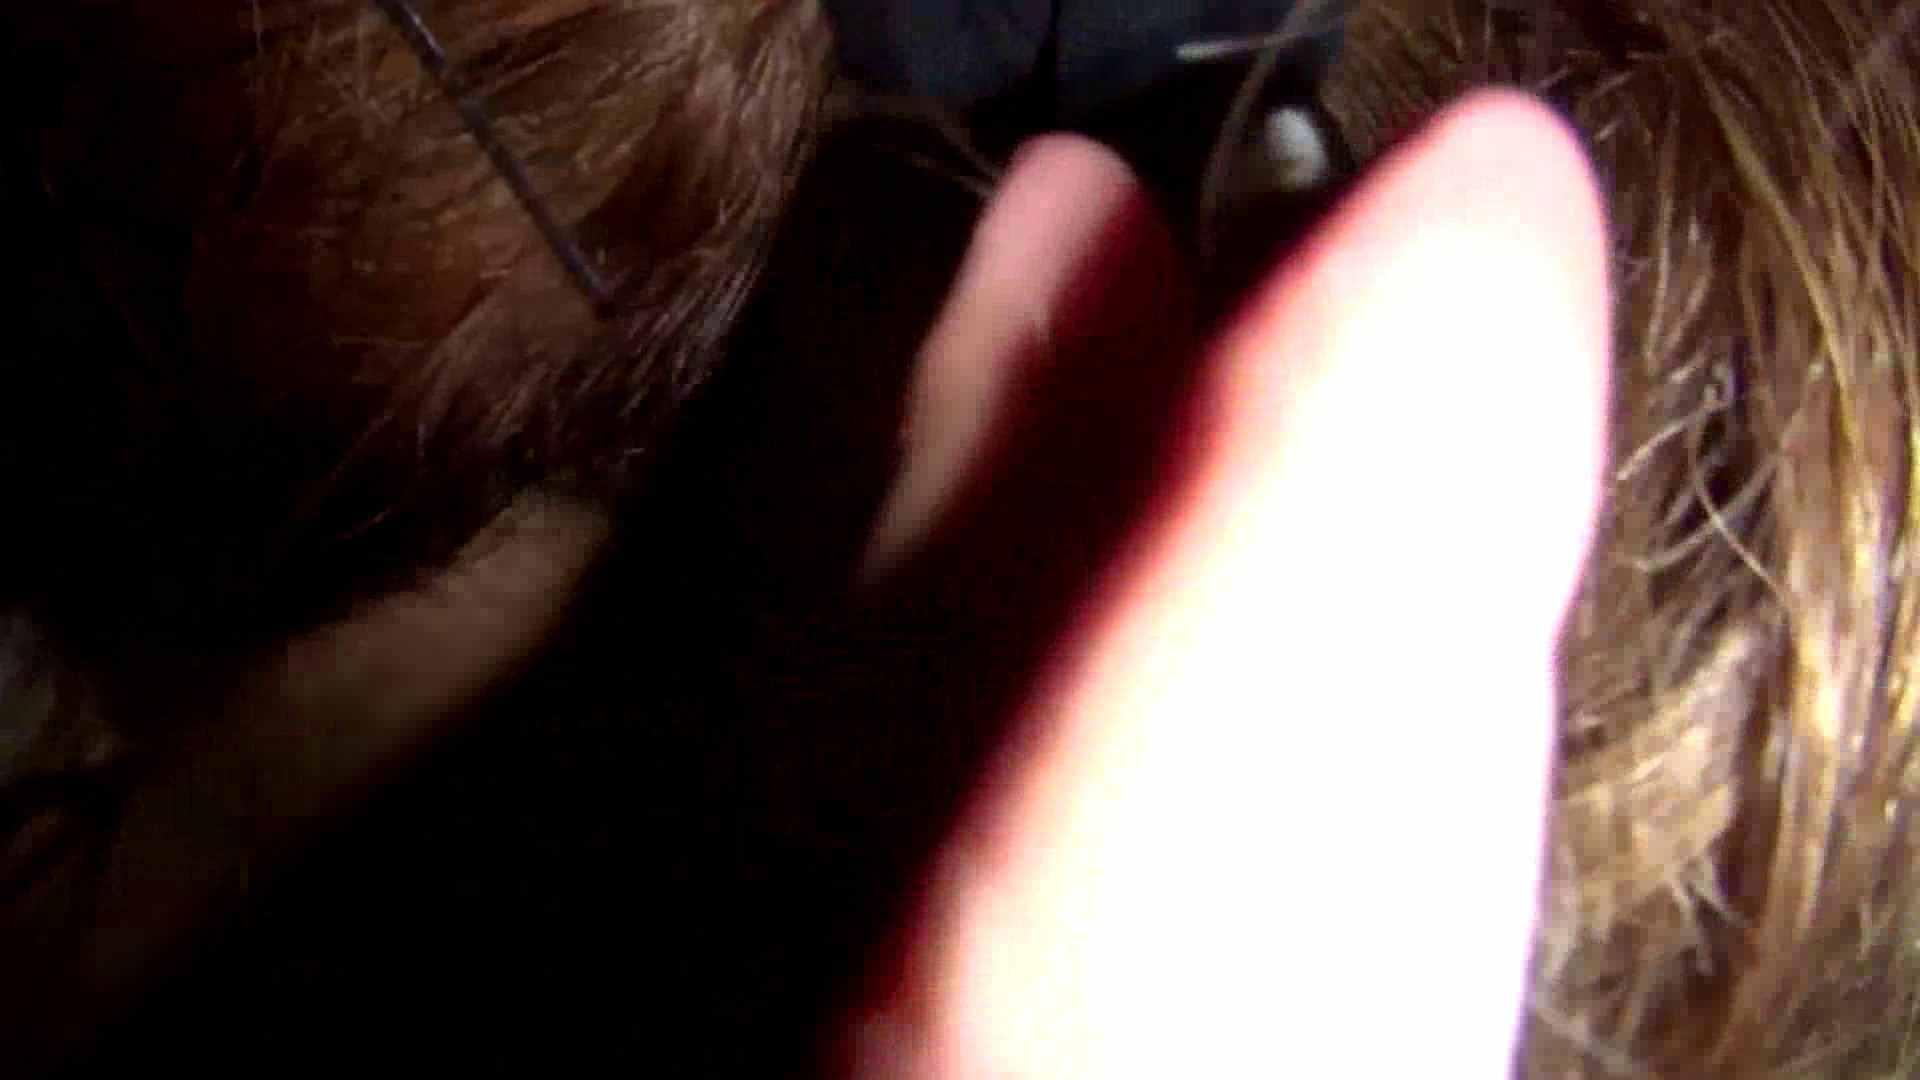 魔術師の お・も・て・な・し vol.30 小粒乳首ちゃん19歳に魔法 悪戯   エロティックなOL  87画像 36